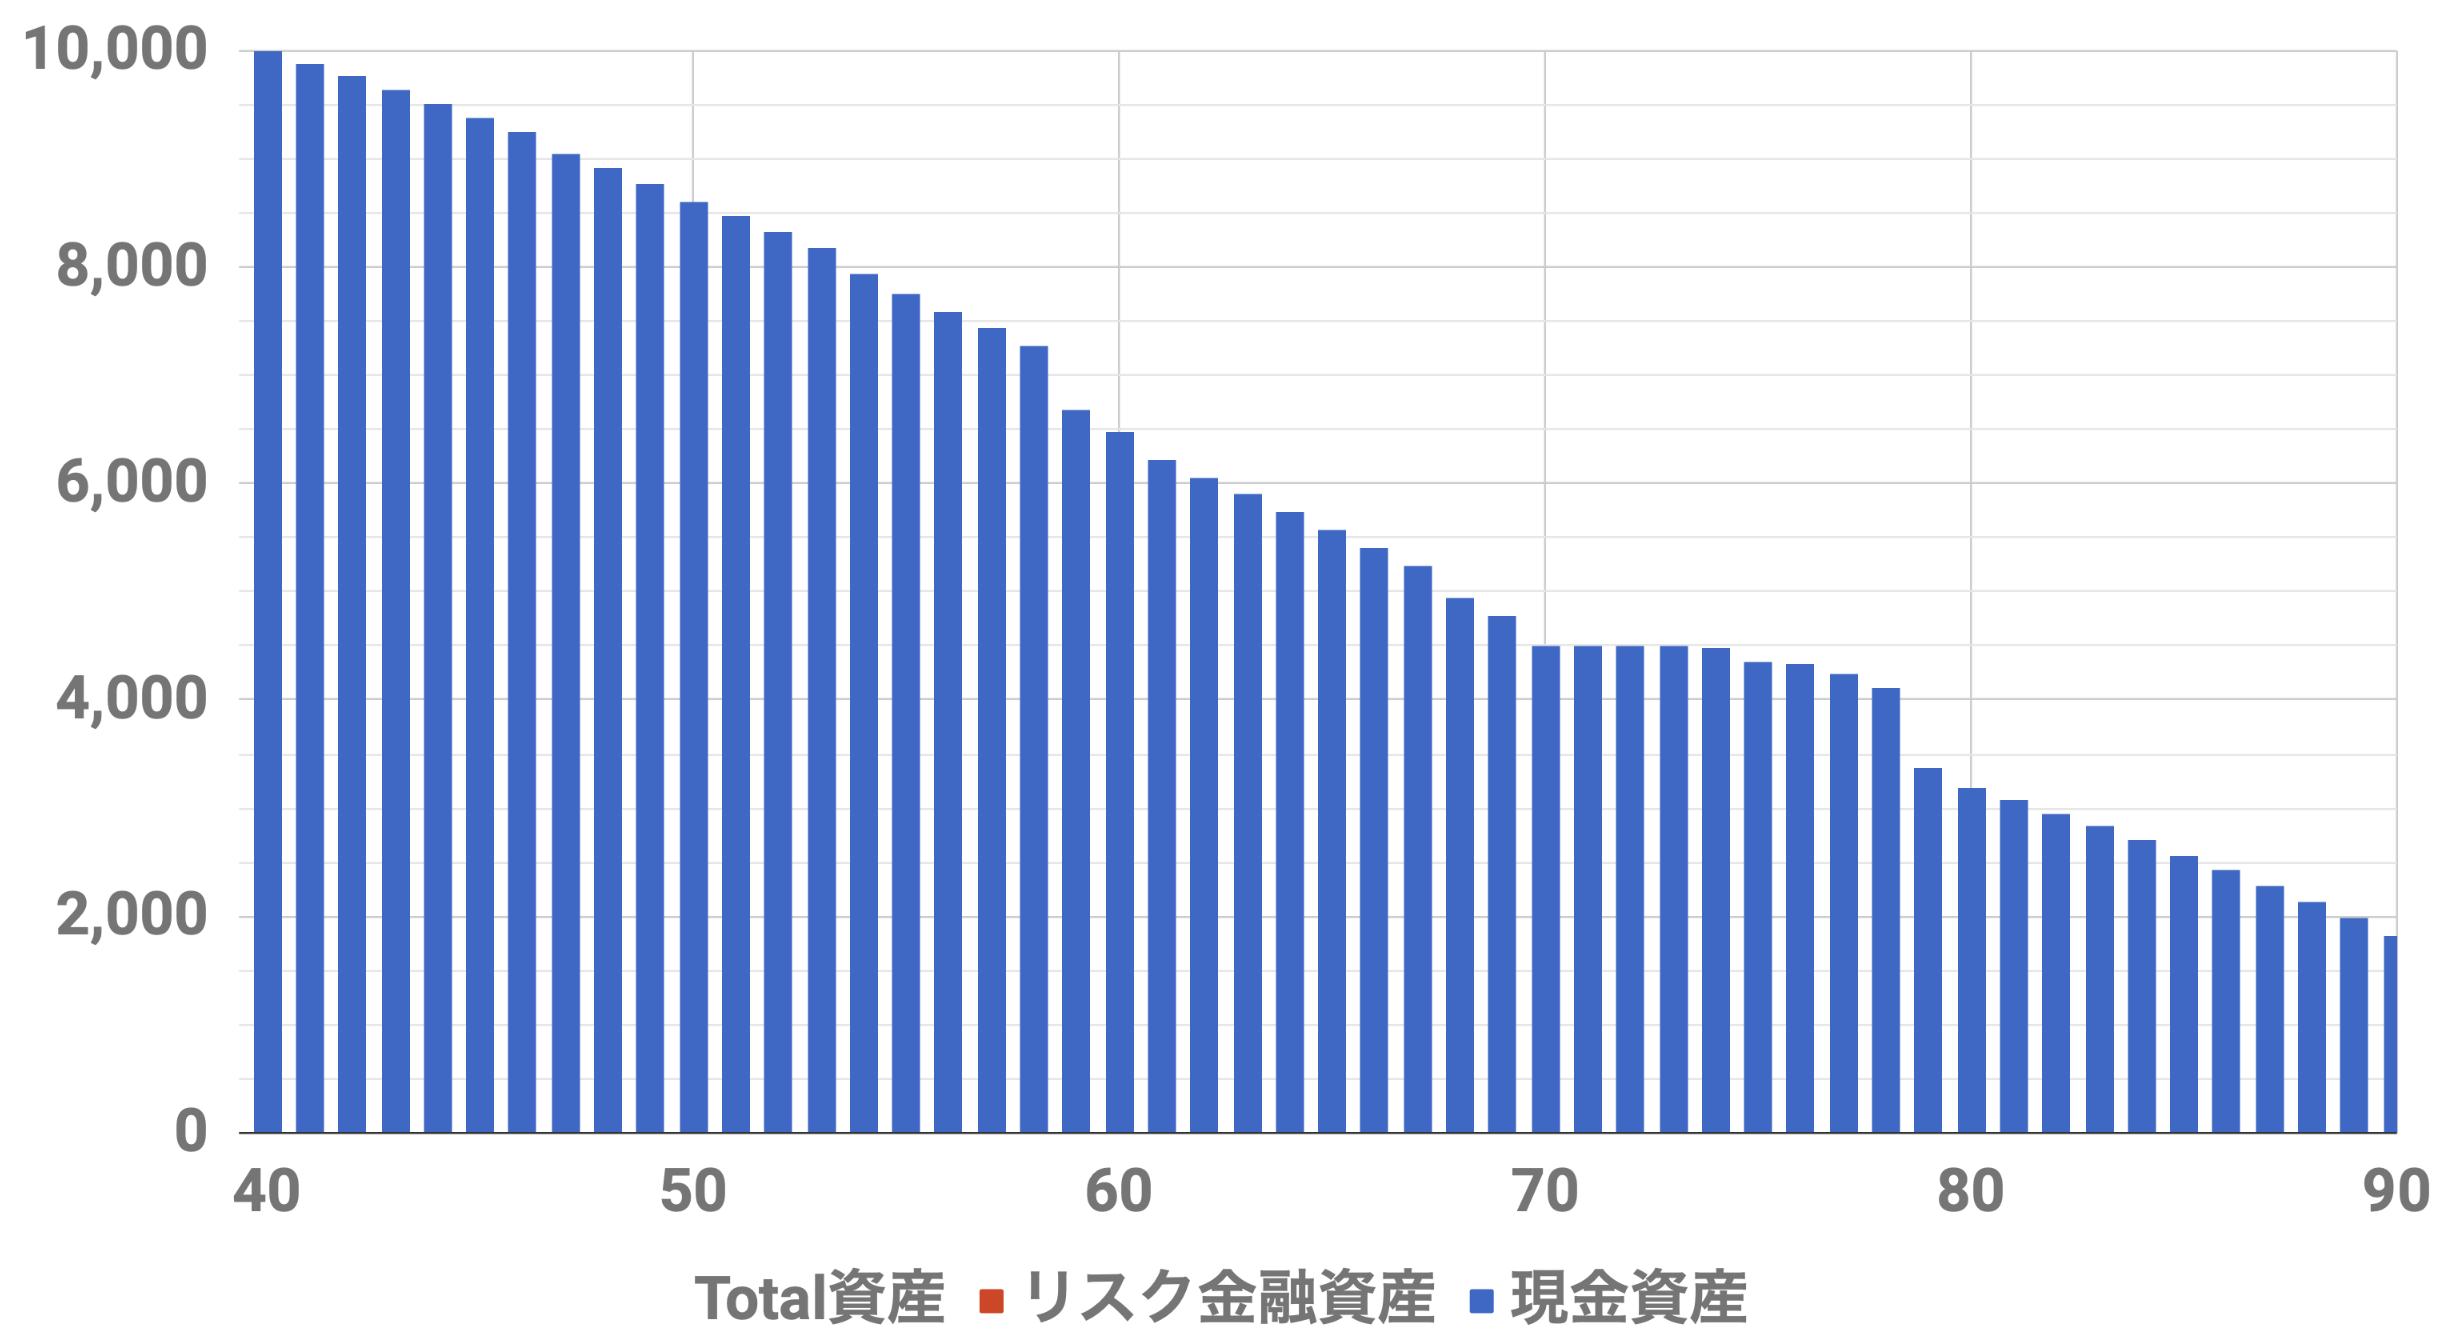 40歳1億円資産シミュレーション(Level2)インフレ率0%,安全資産運用